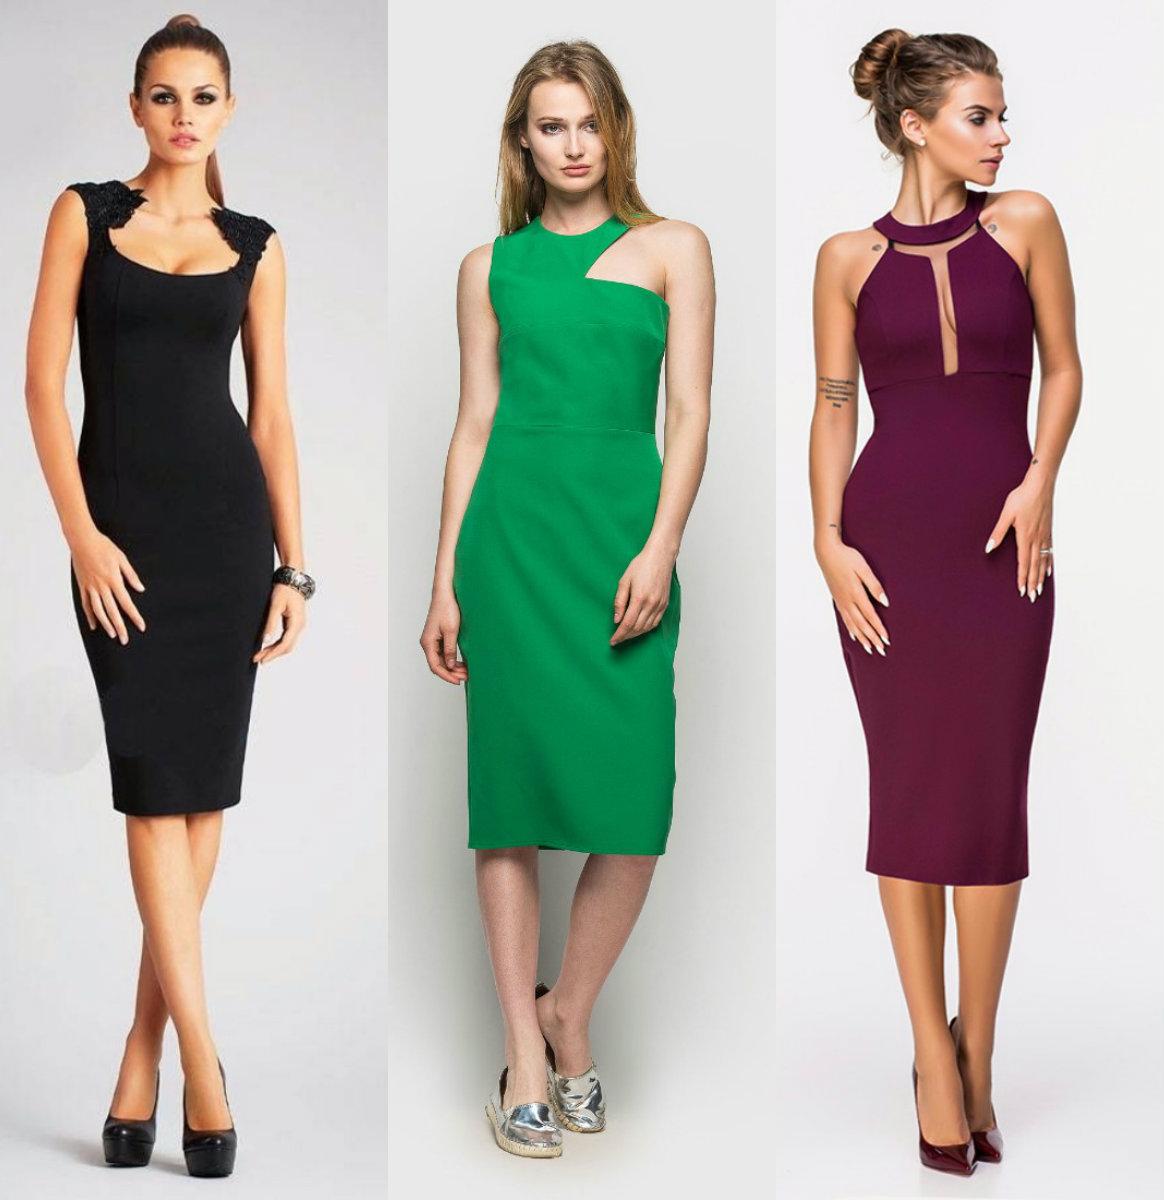 Фасоны платьев 2019: модели-футляр